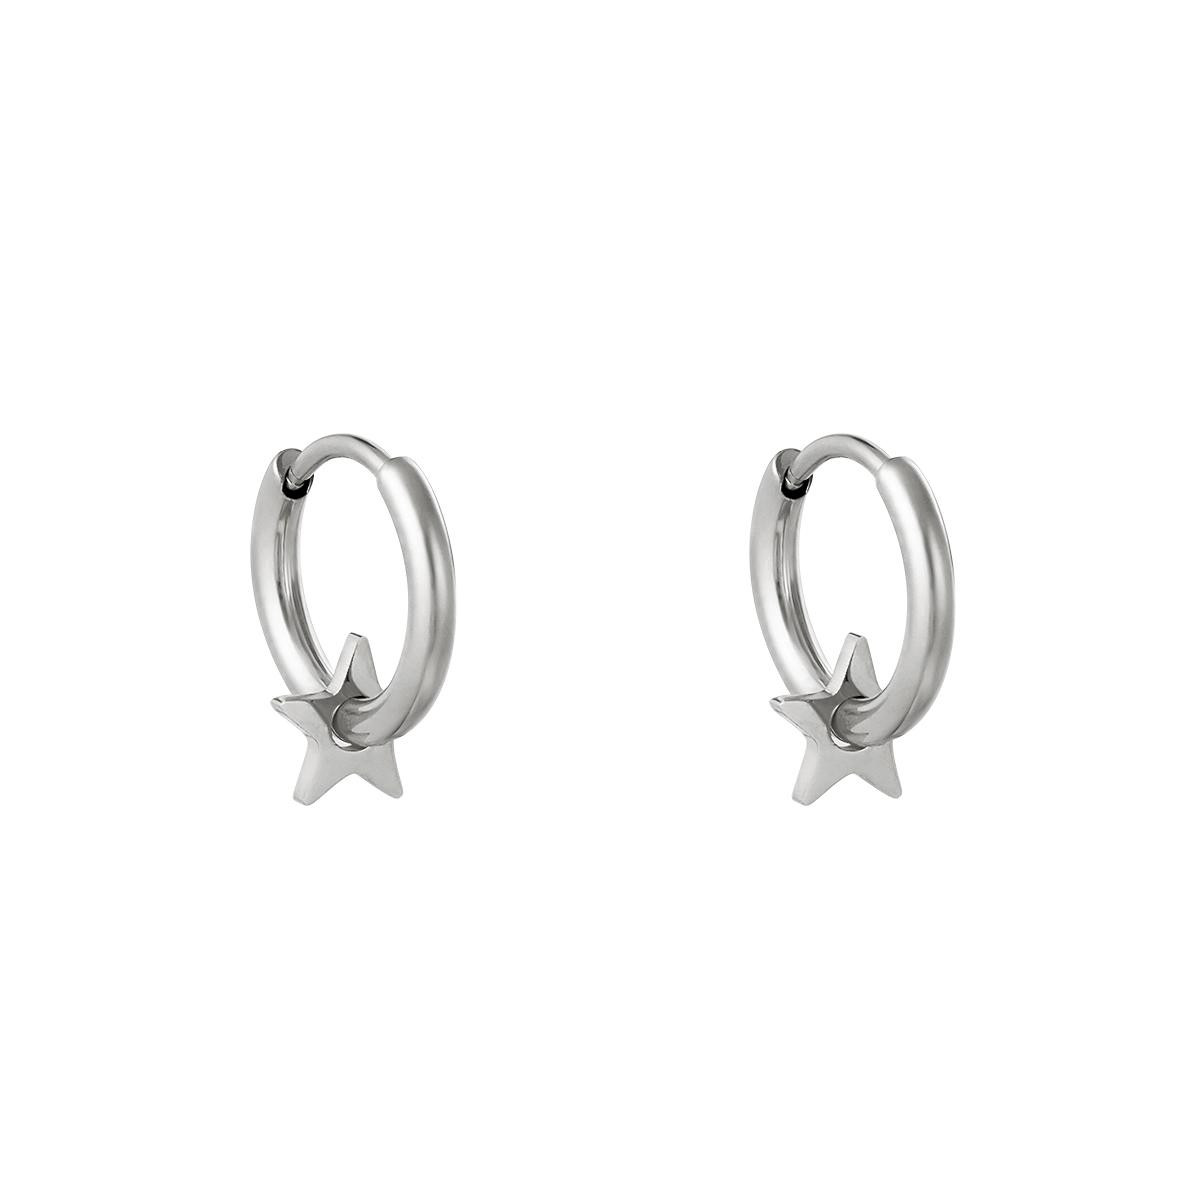 Huggie örhängen - Creoler i kirurgiskt stål - Stjärnor